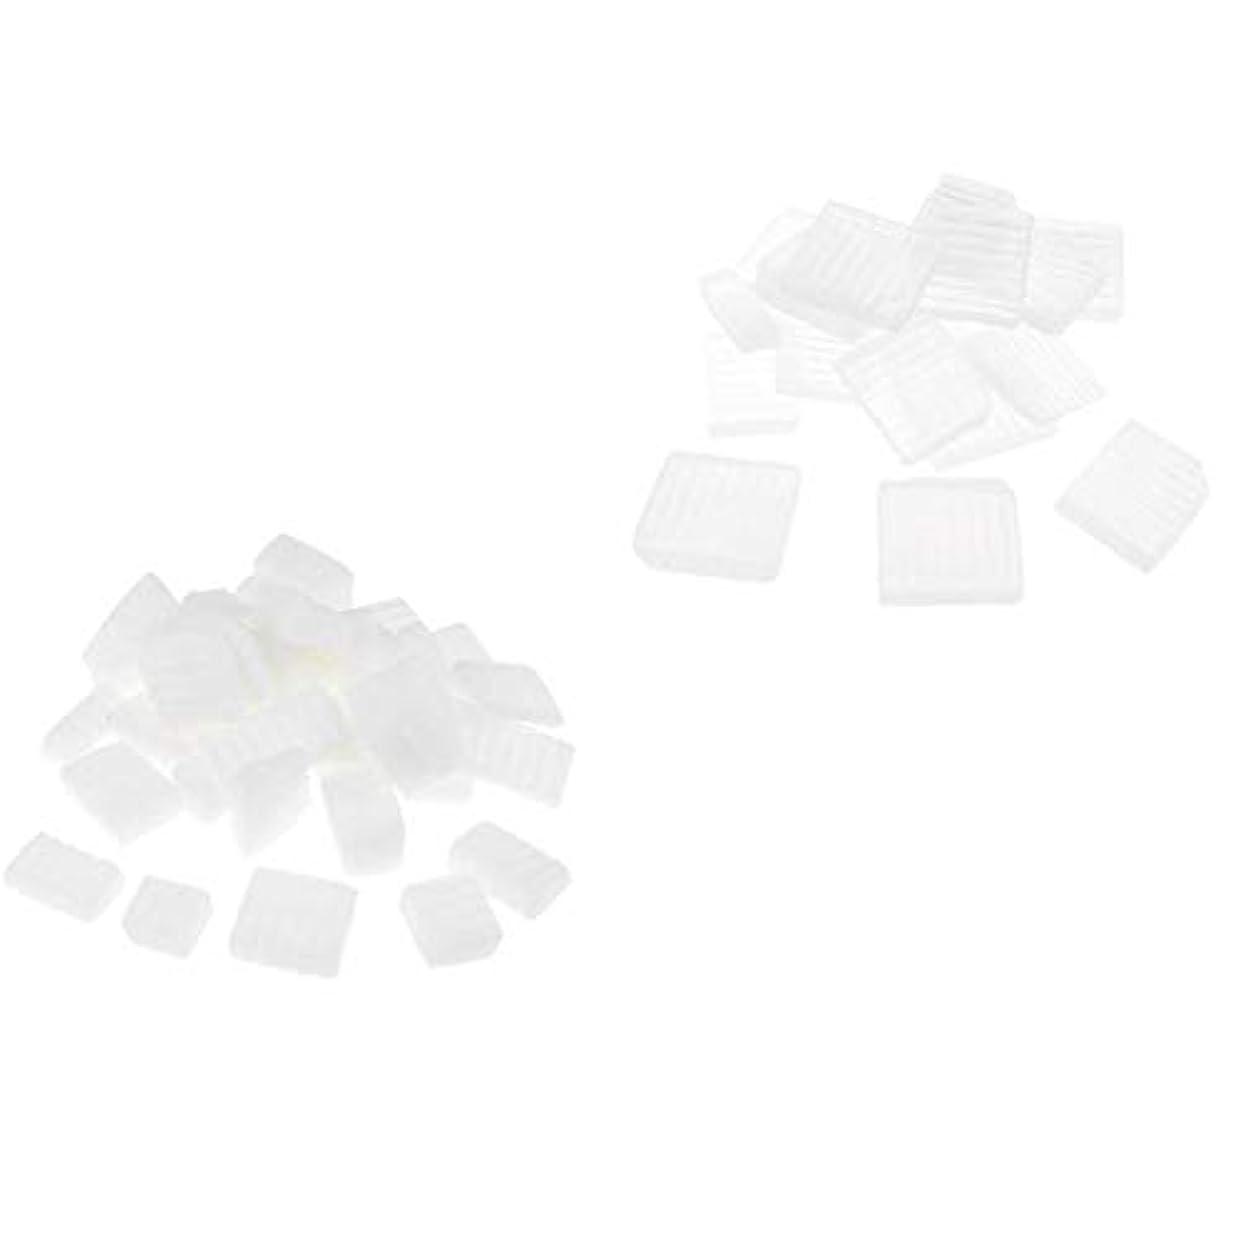 帝国主義印刷するペルソナD DOLITY 固形せっけん 2KG ホワイトクリア DIY工芸 手作り バス用品 石鹸製造 創造力 2種 混合